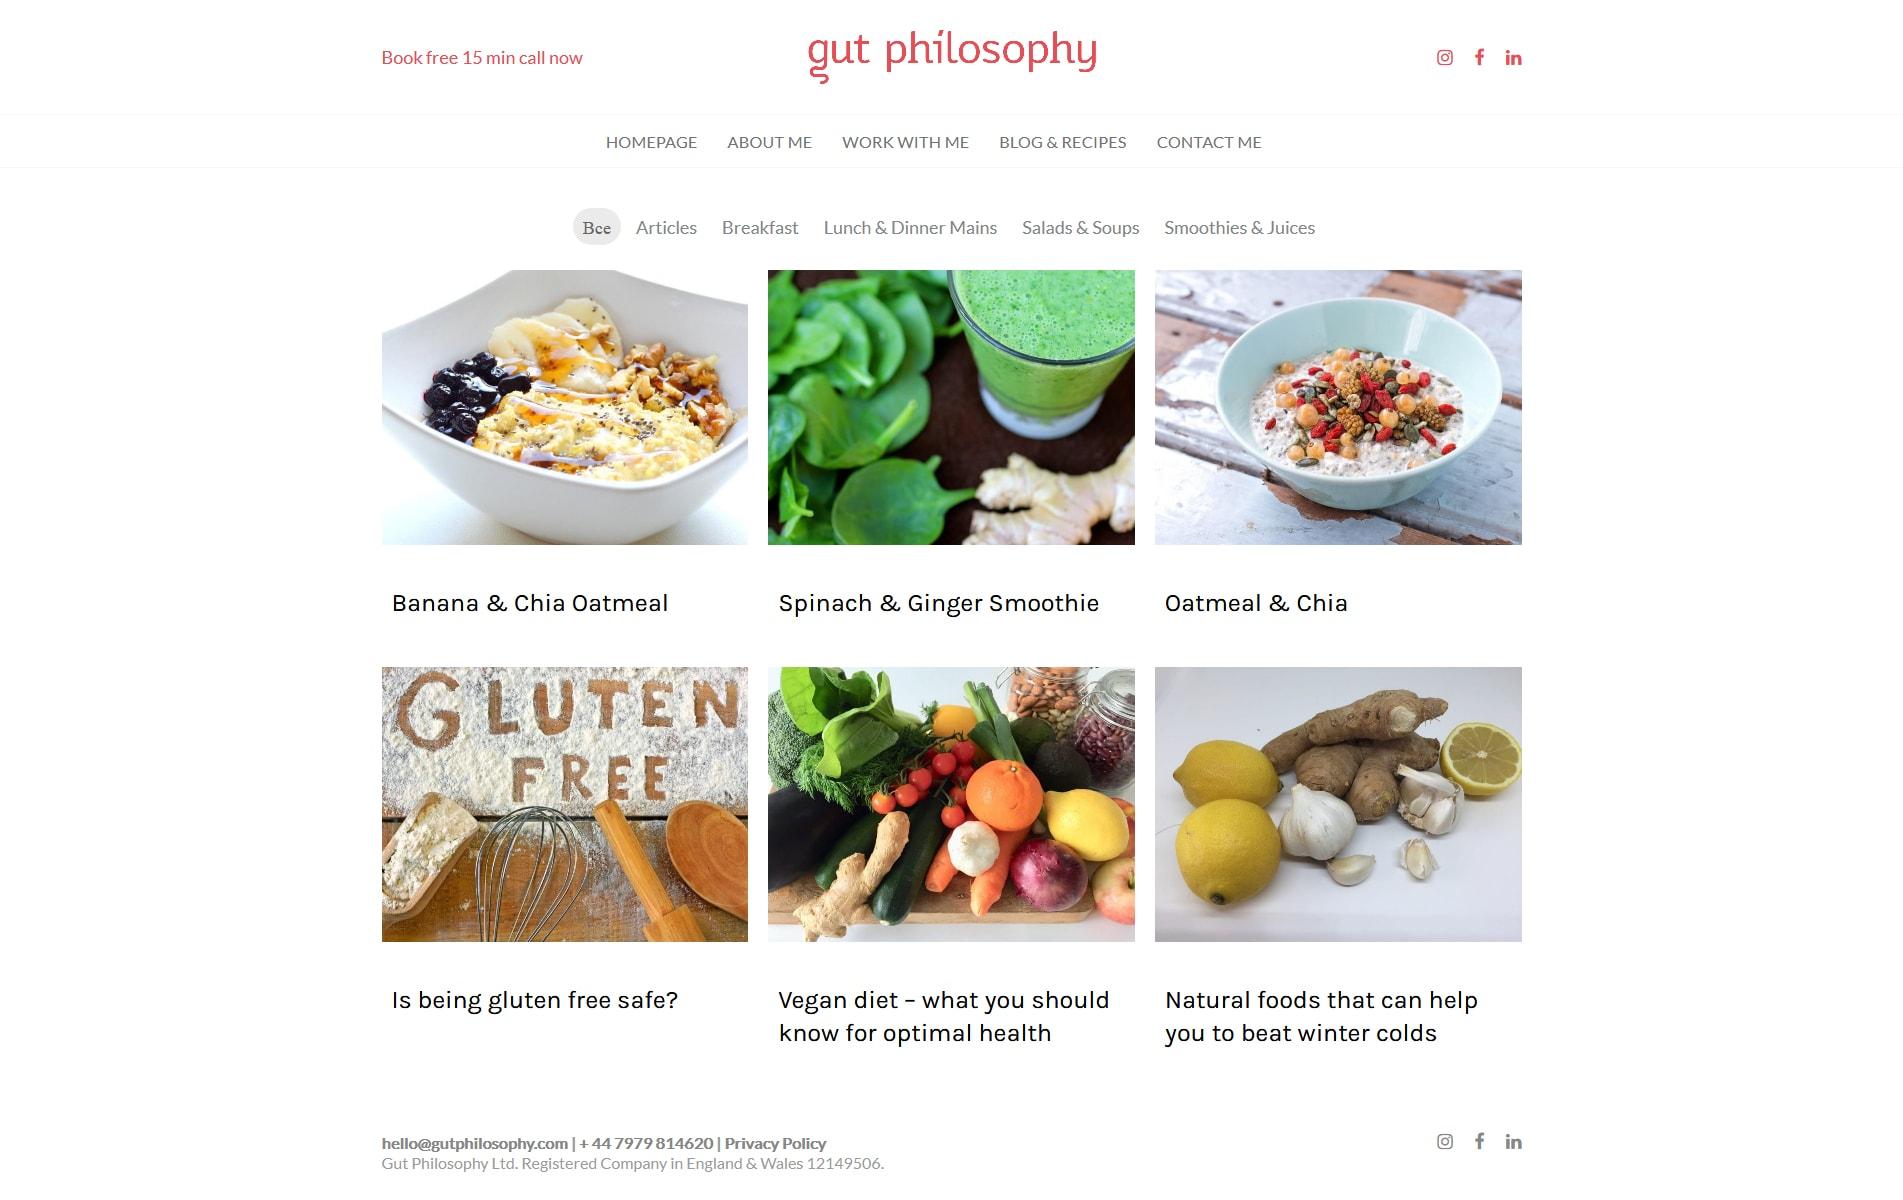 Gutphilosophy. Персональный сайт нутрициолога (диетолога)